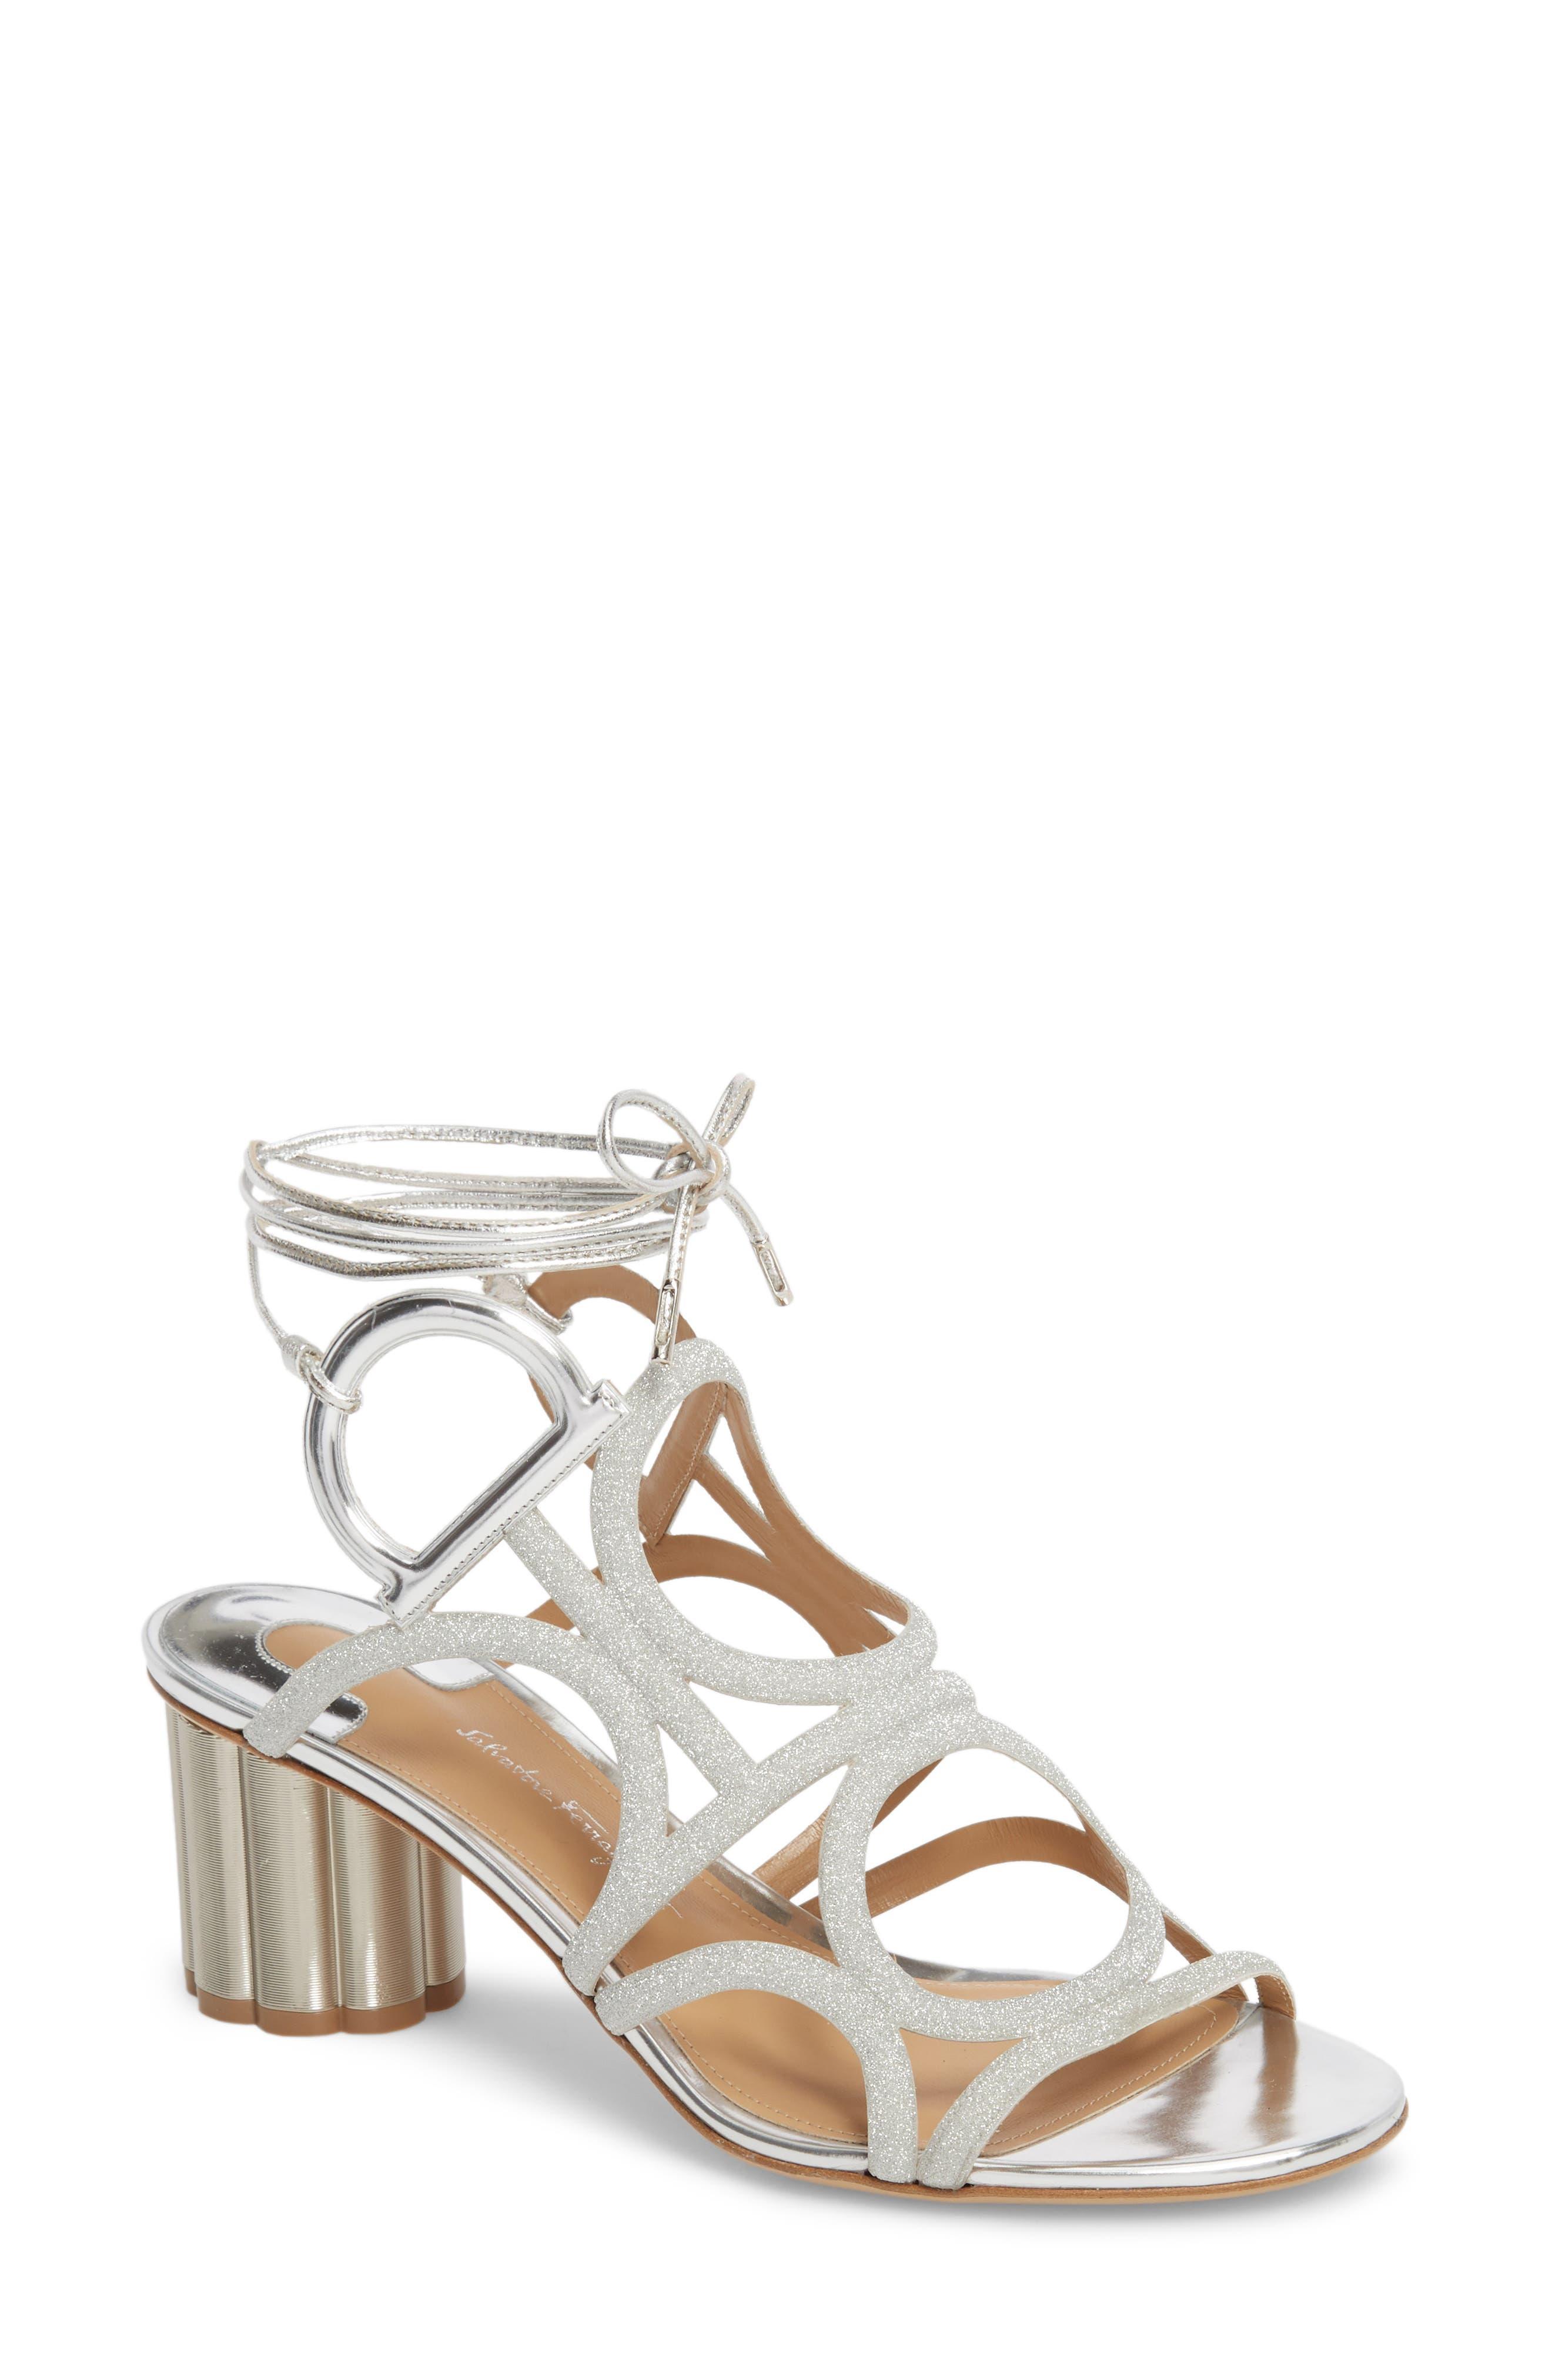 Salvatore Ferragamo Vinci Lace-Up Sandal (Women)